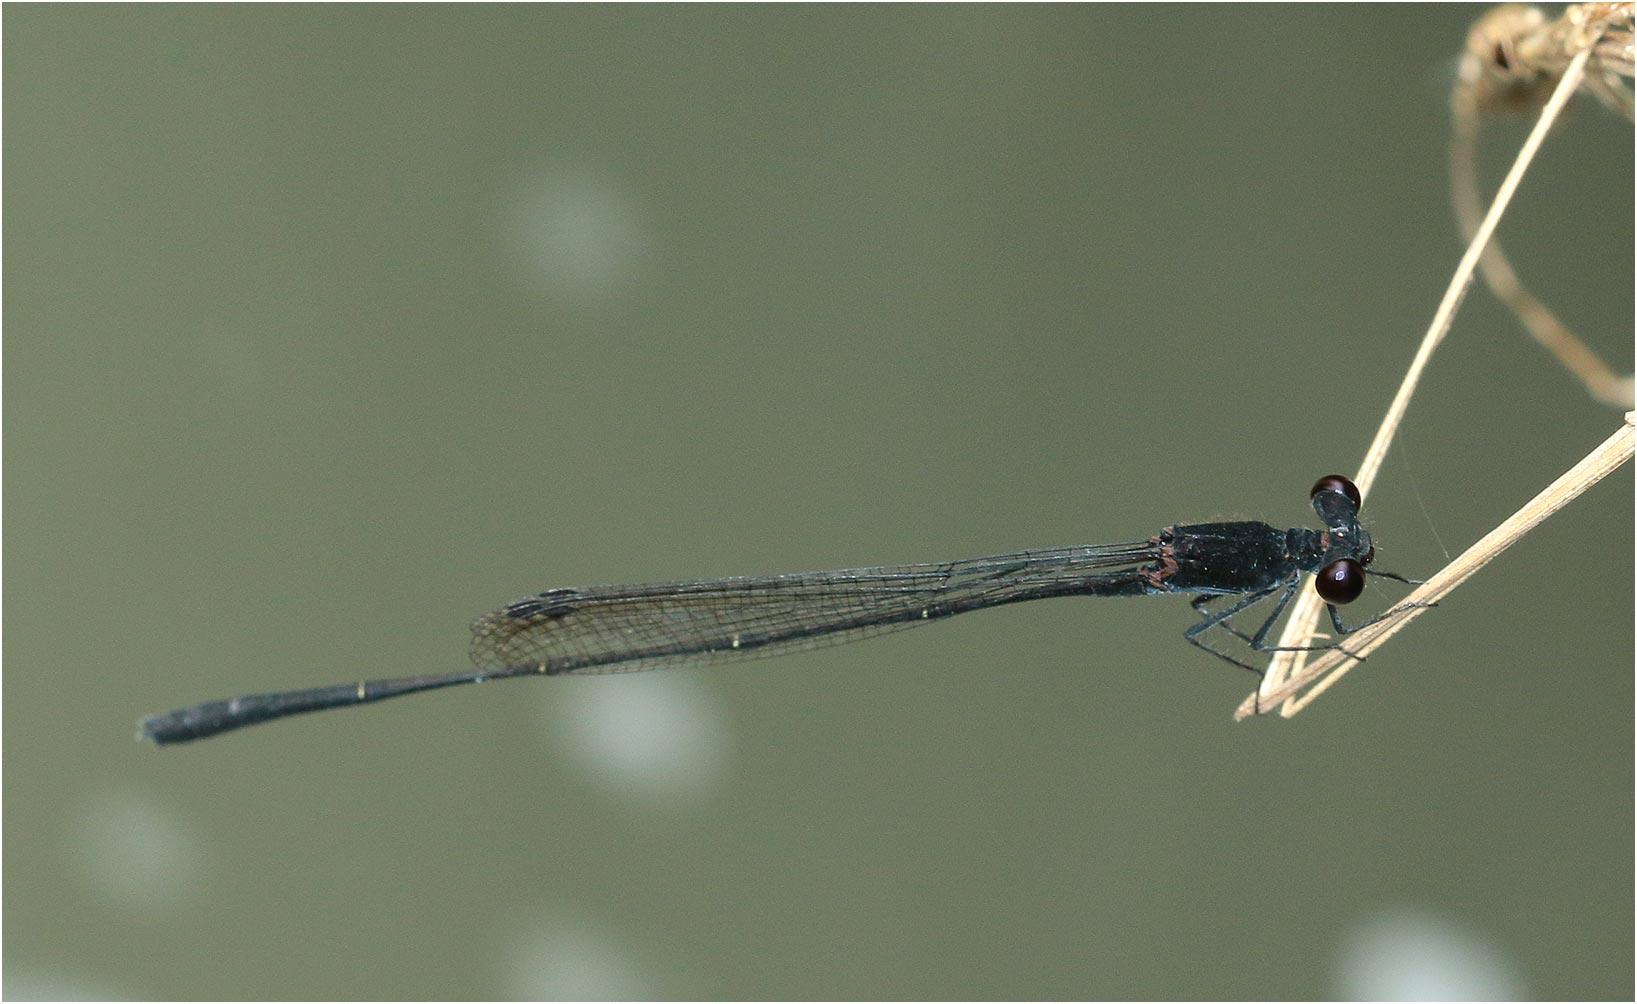 Prodasineura autumnalis mâle, Vietnam, Huu Lien, 03/06/2018